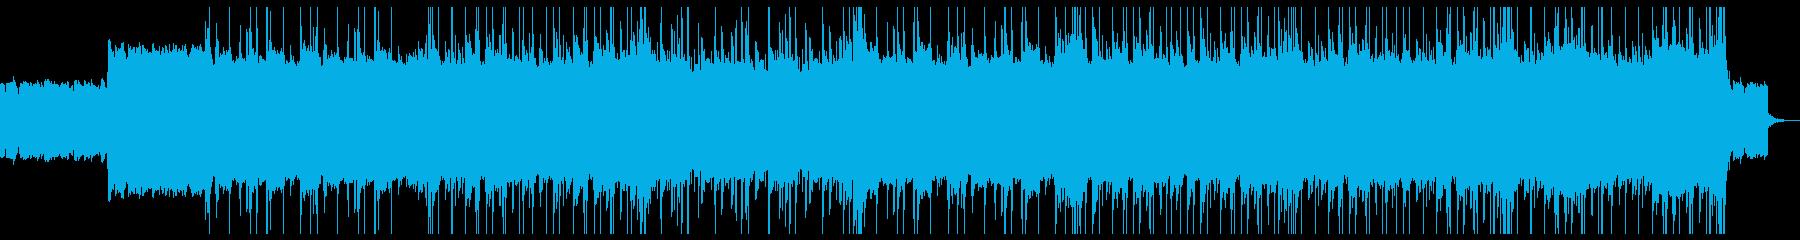 イキイキとしたロックとヒップホップの再生済みの波形